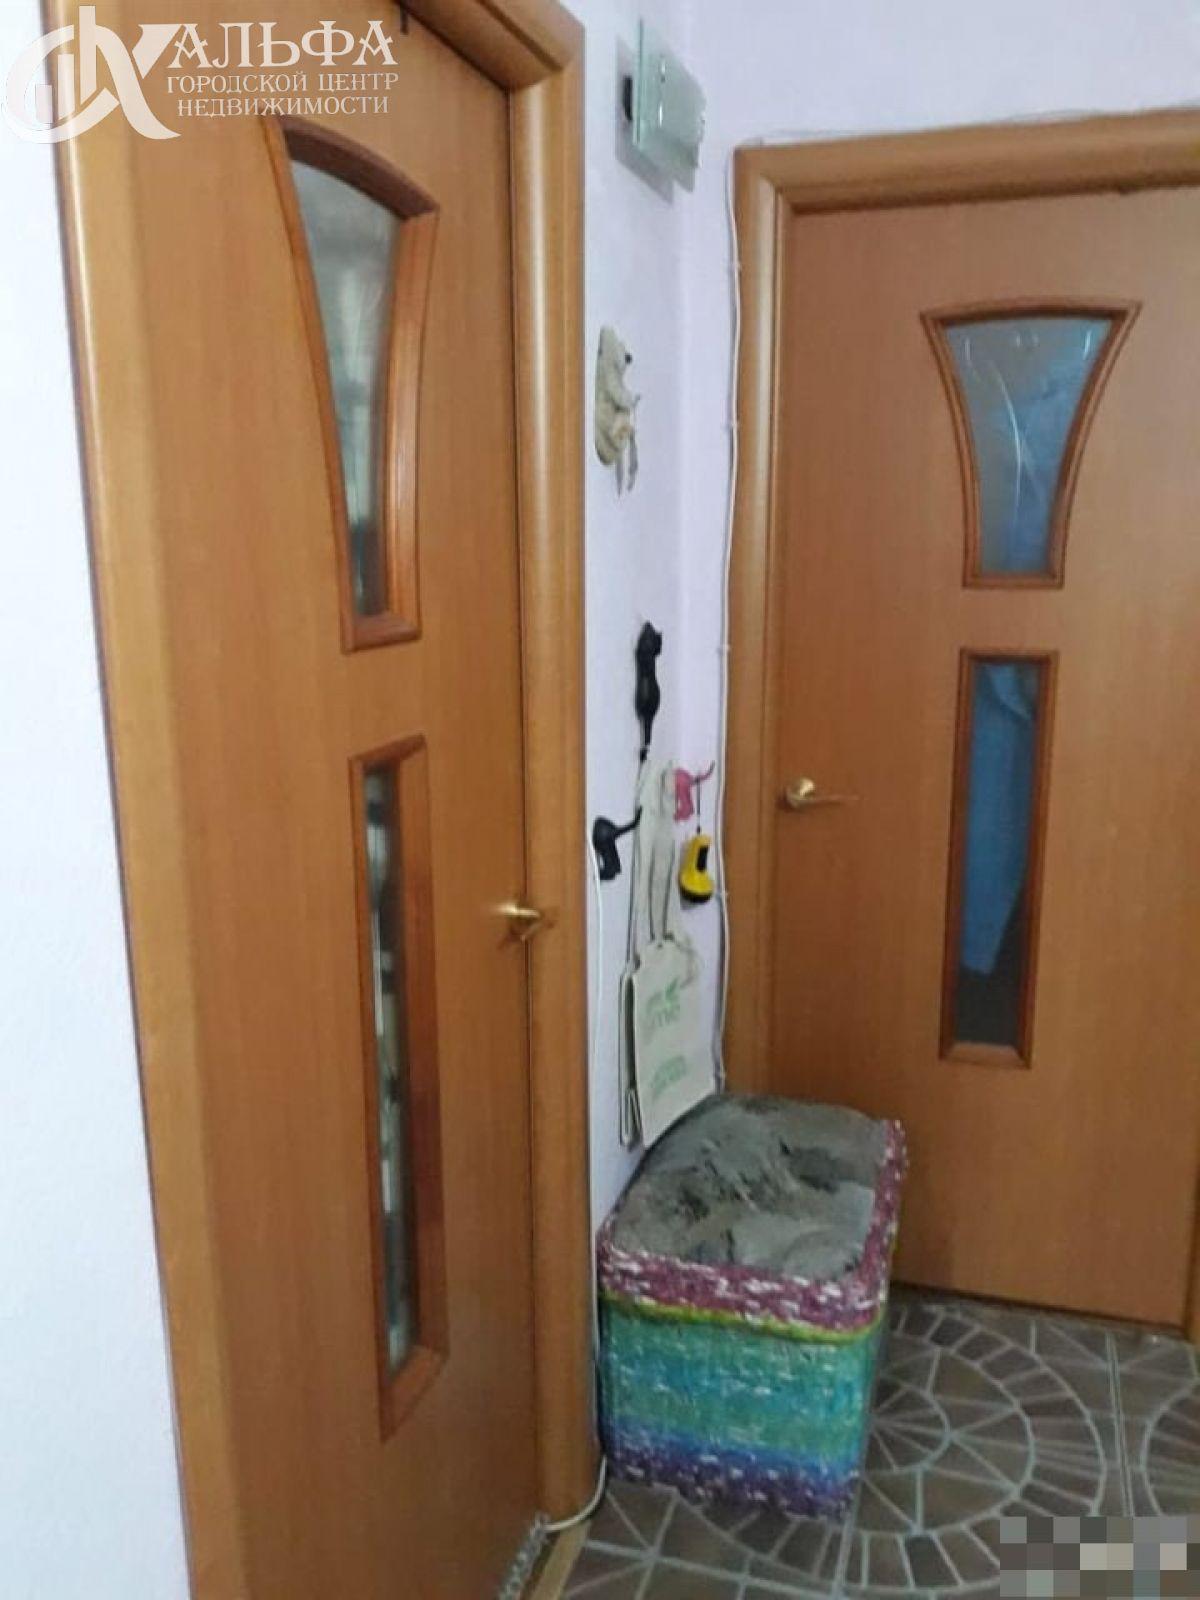 Продам 2-комн. квартиру, Ханты-Мансийский Автономный округ - Югра, Нижневартовск, Северная улица, 72